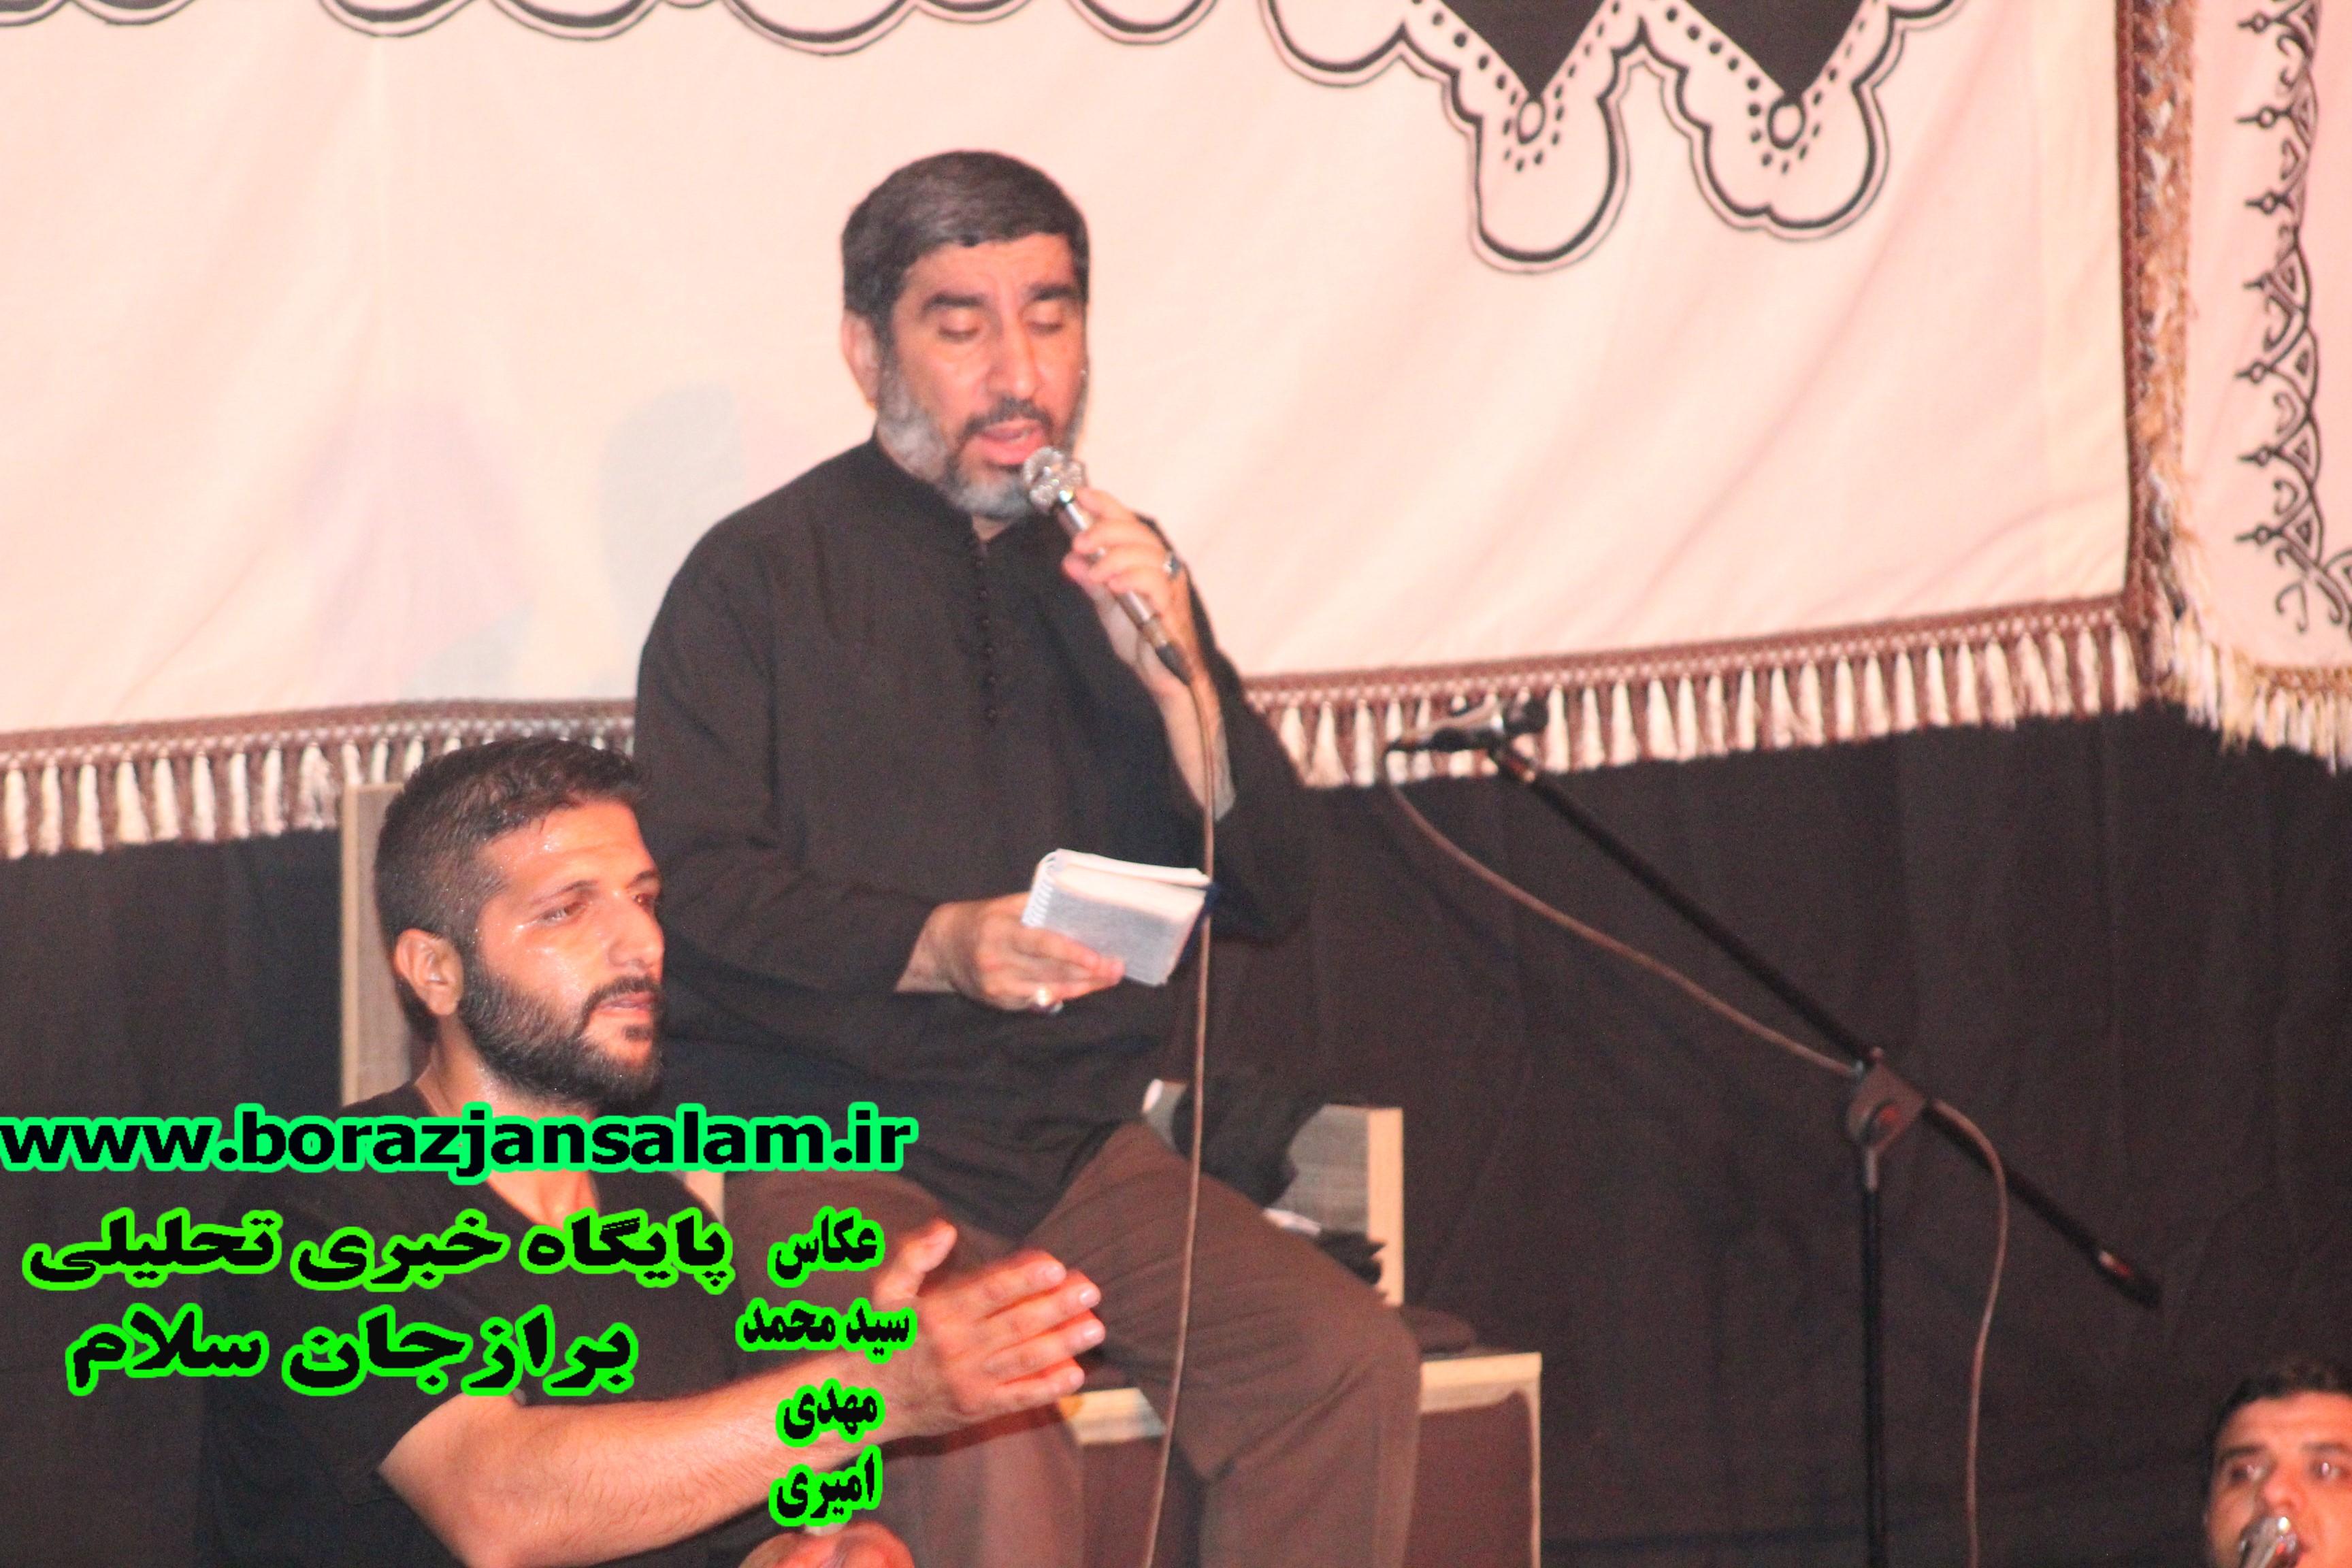 اجتماع بزرگ لبیک یا حسین با نوای حاج مهدی سلحشور برگزار شد .